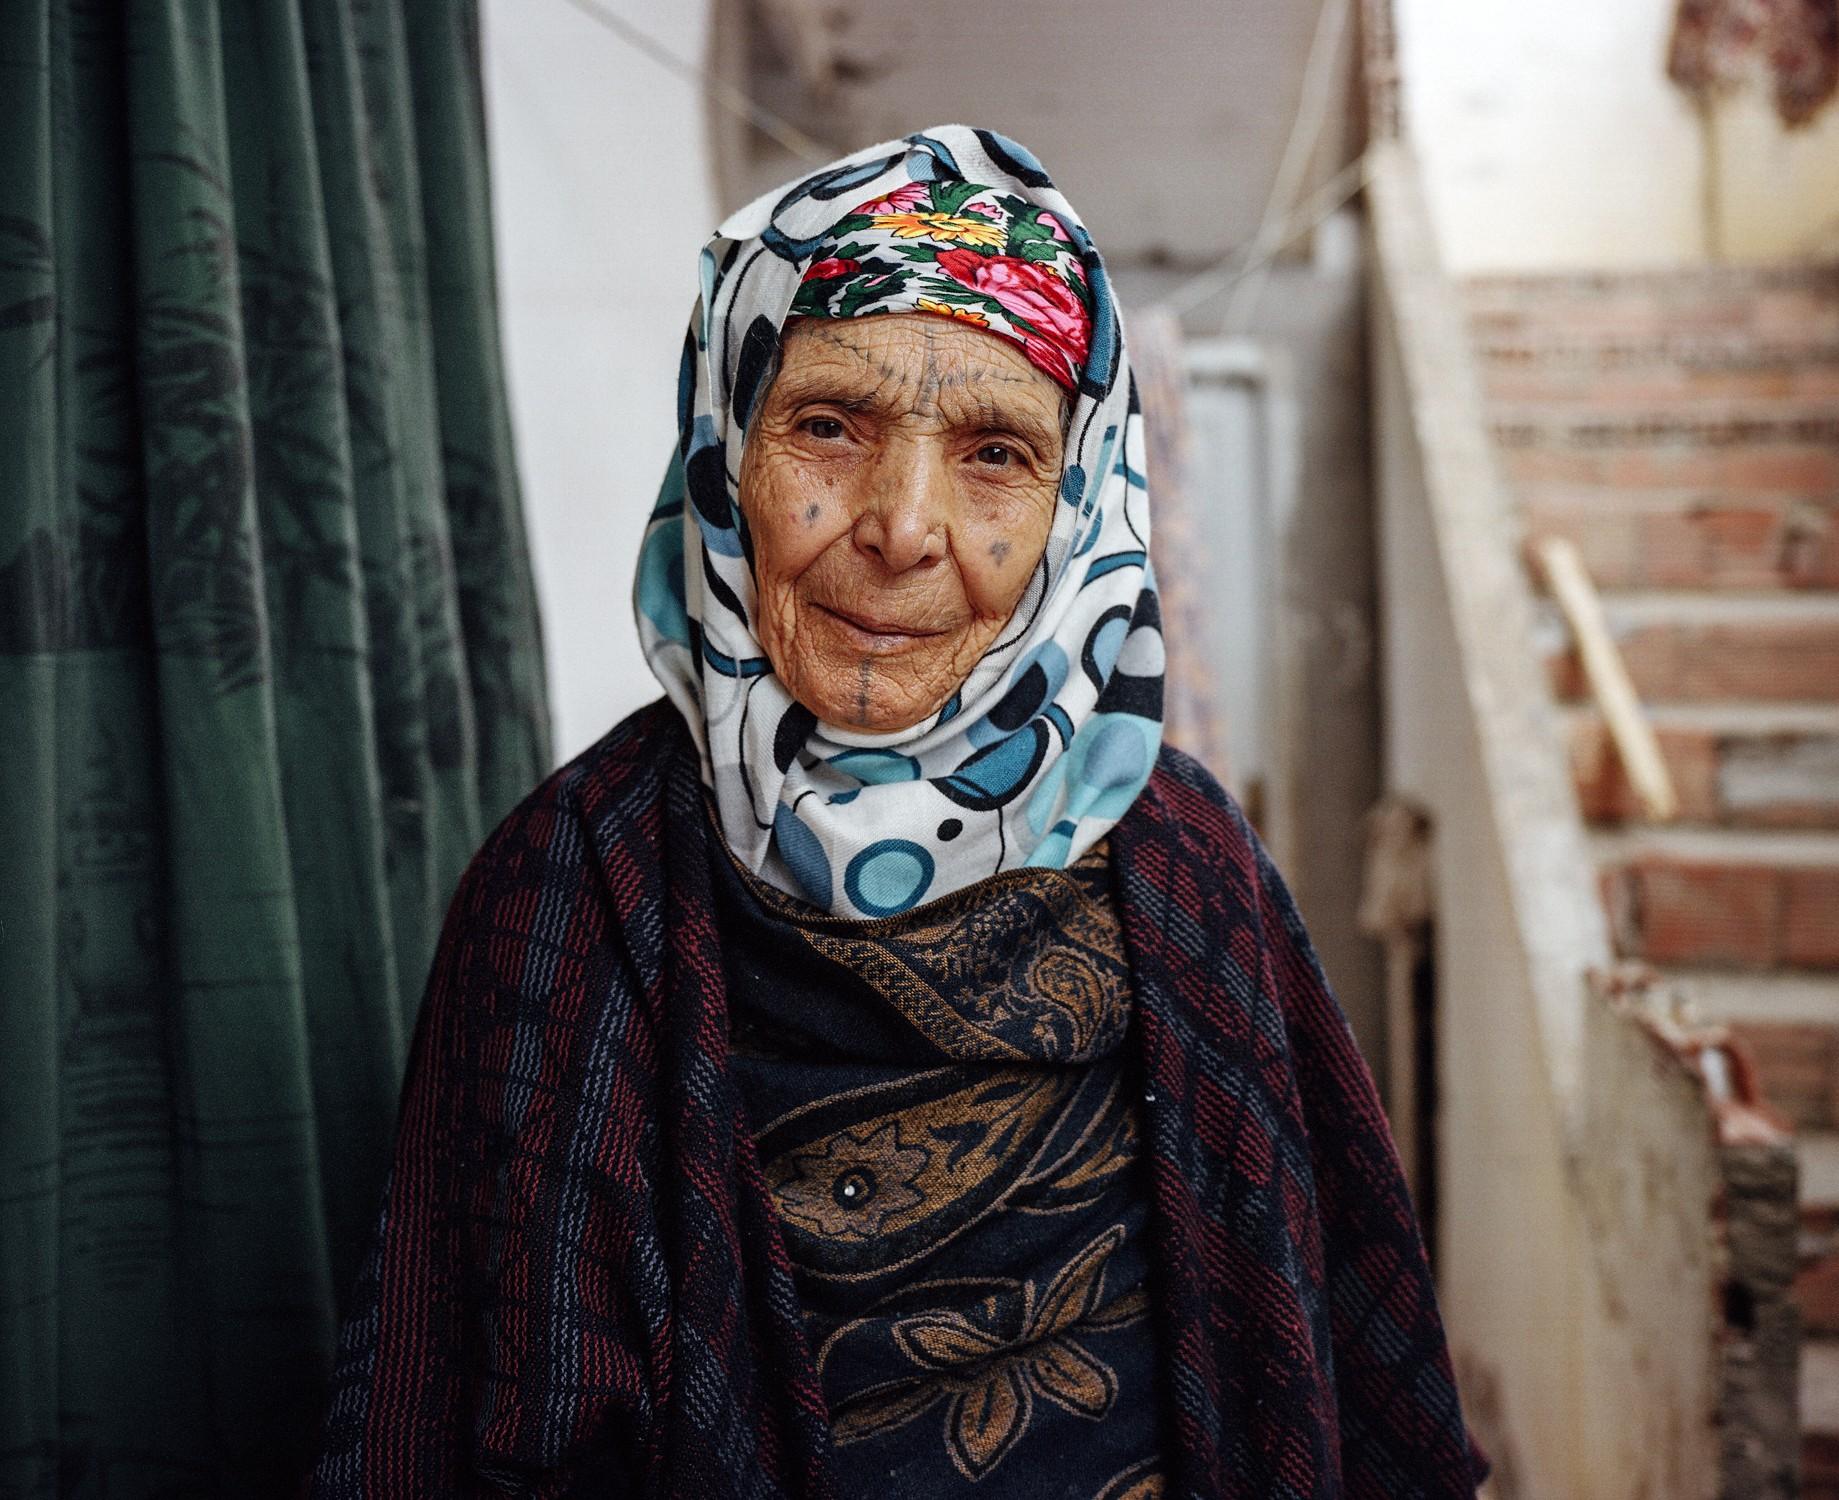 Yumna Al-Arashi, Йомна Аль-Араши, татуировка на лице, женская татуировка, татуировка Северной Африки,традиционная татуировка